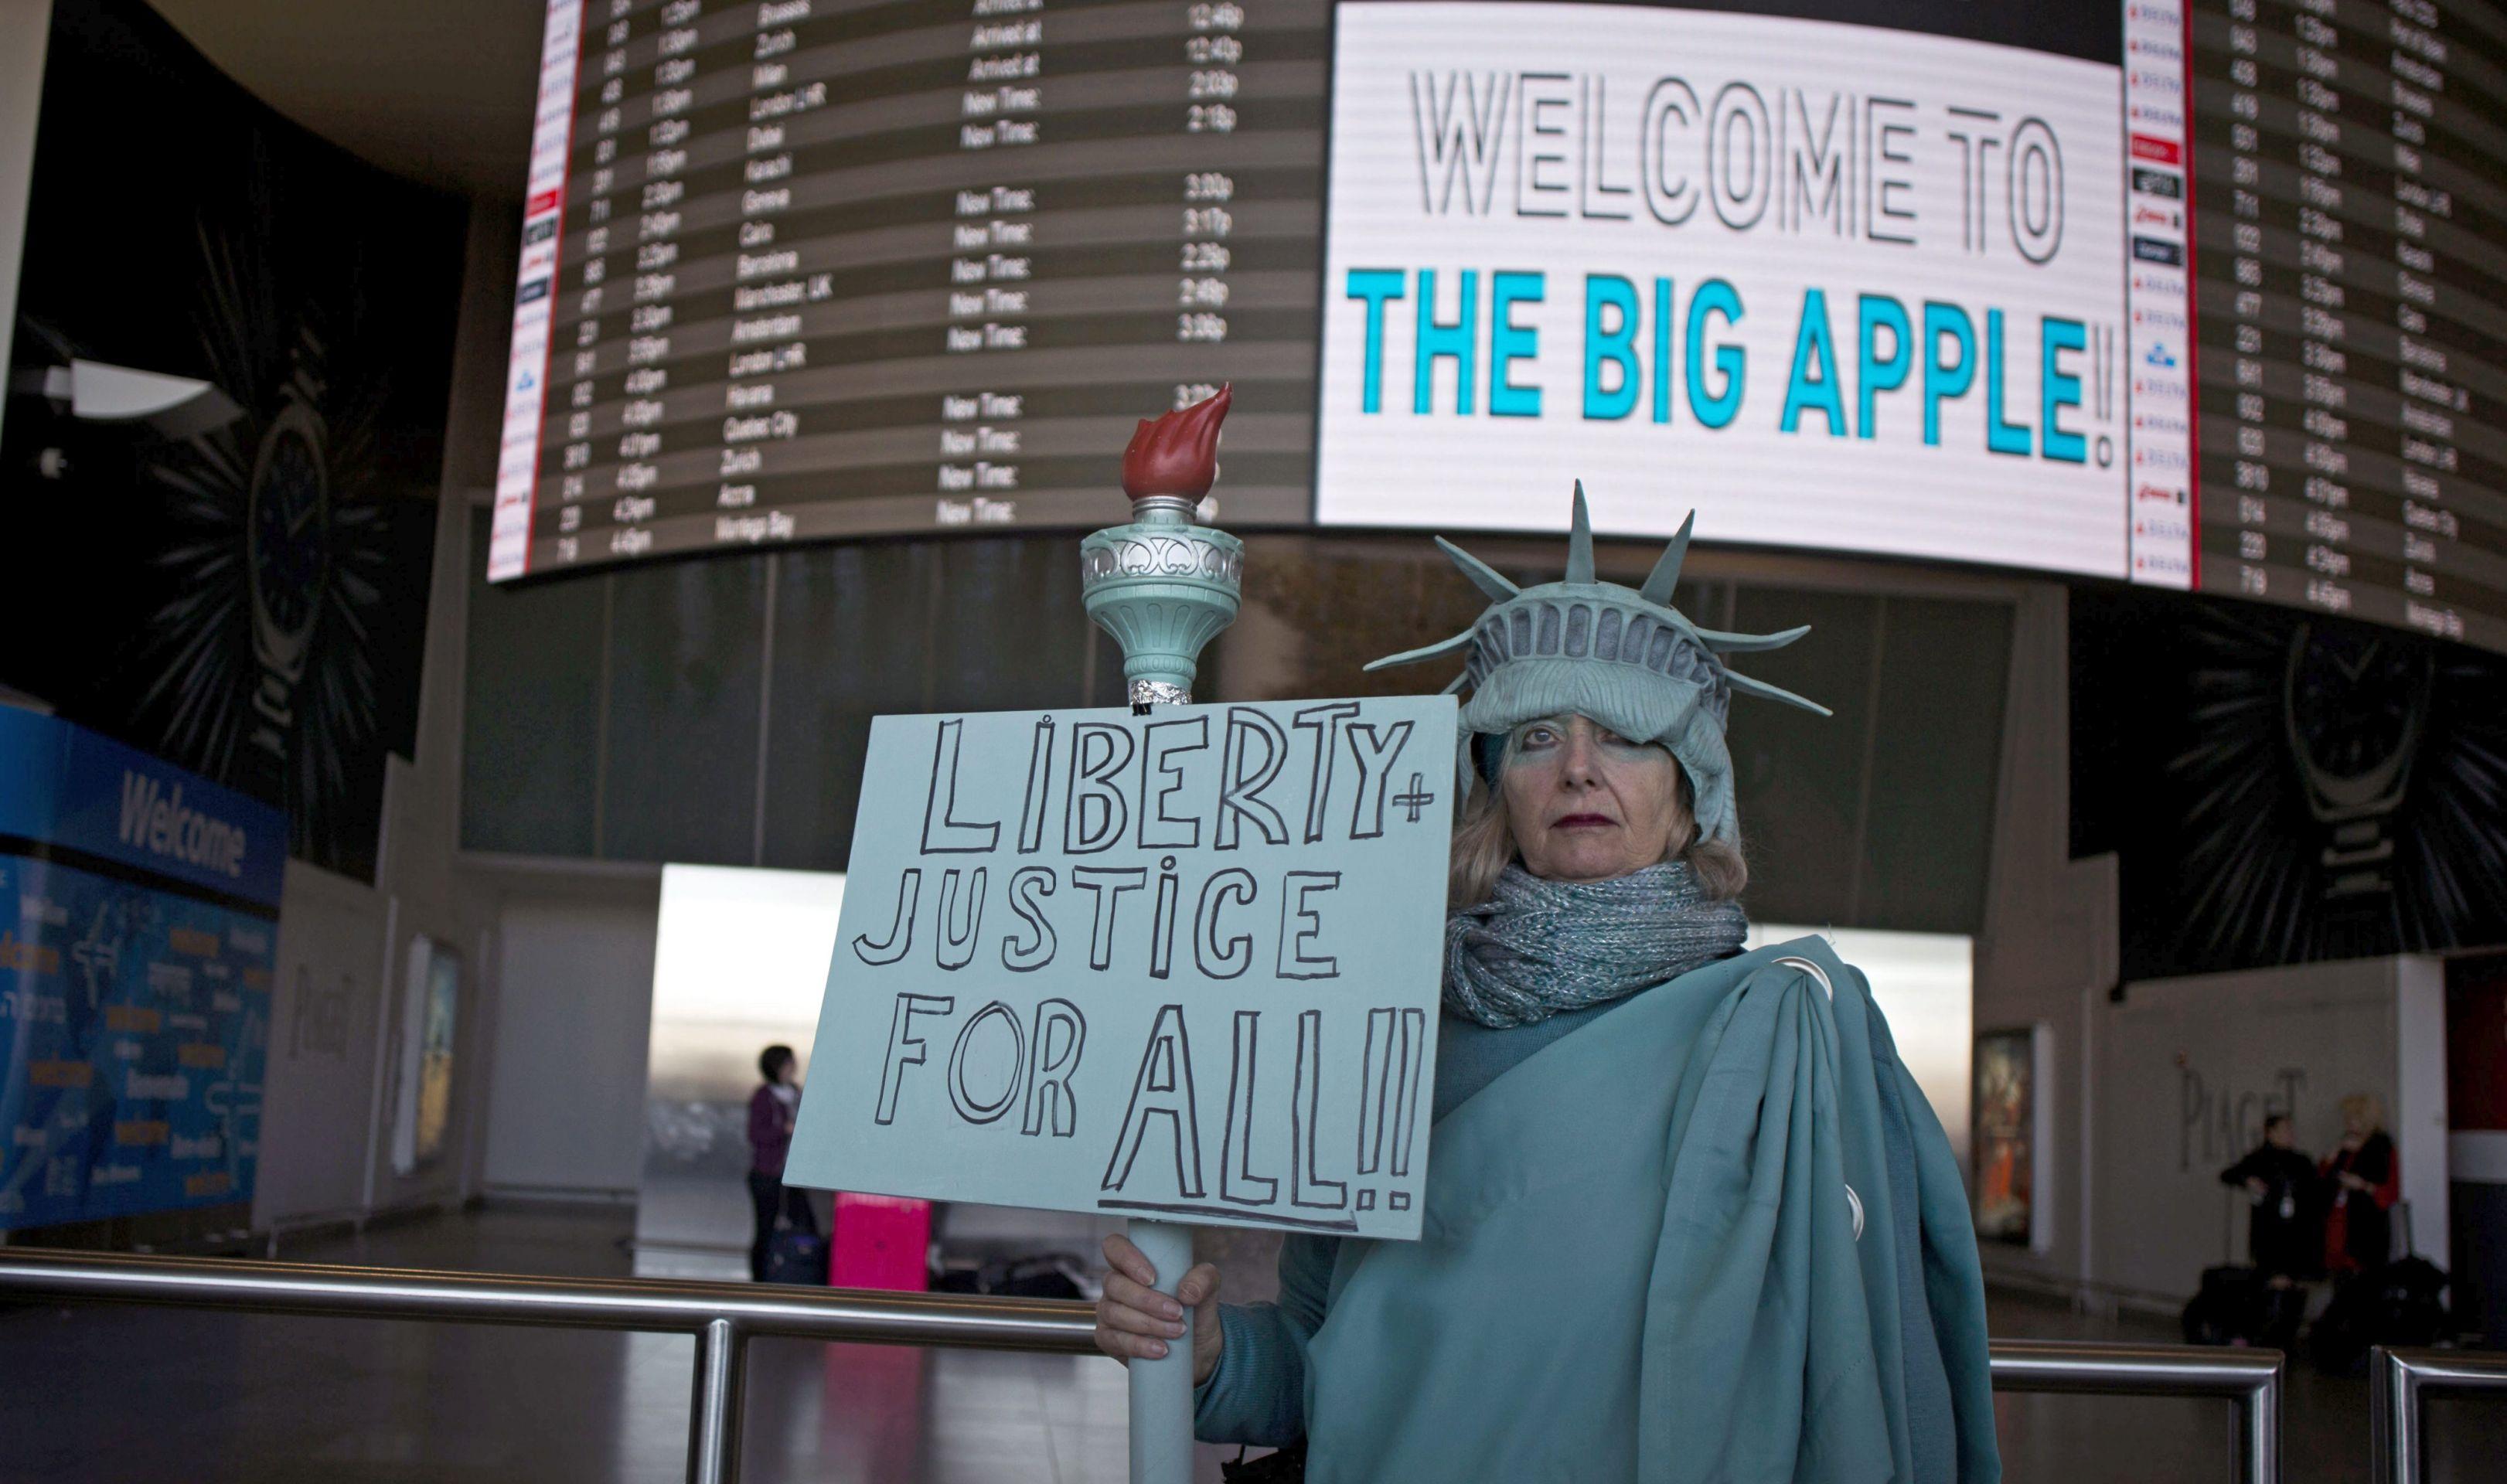 Žalbeni sud saslušat će argumente oko Trumpove zabrane